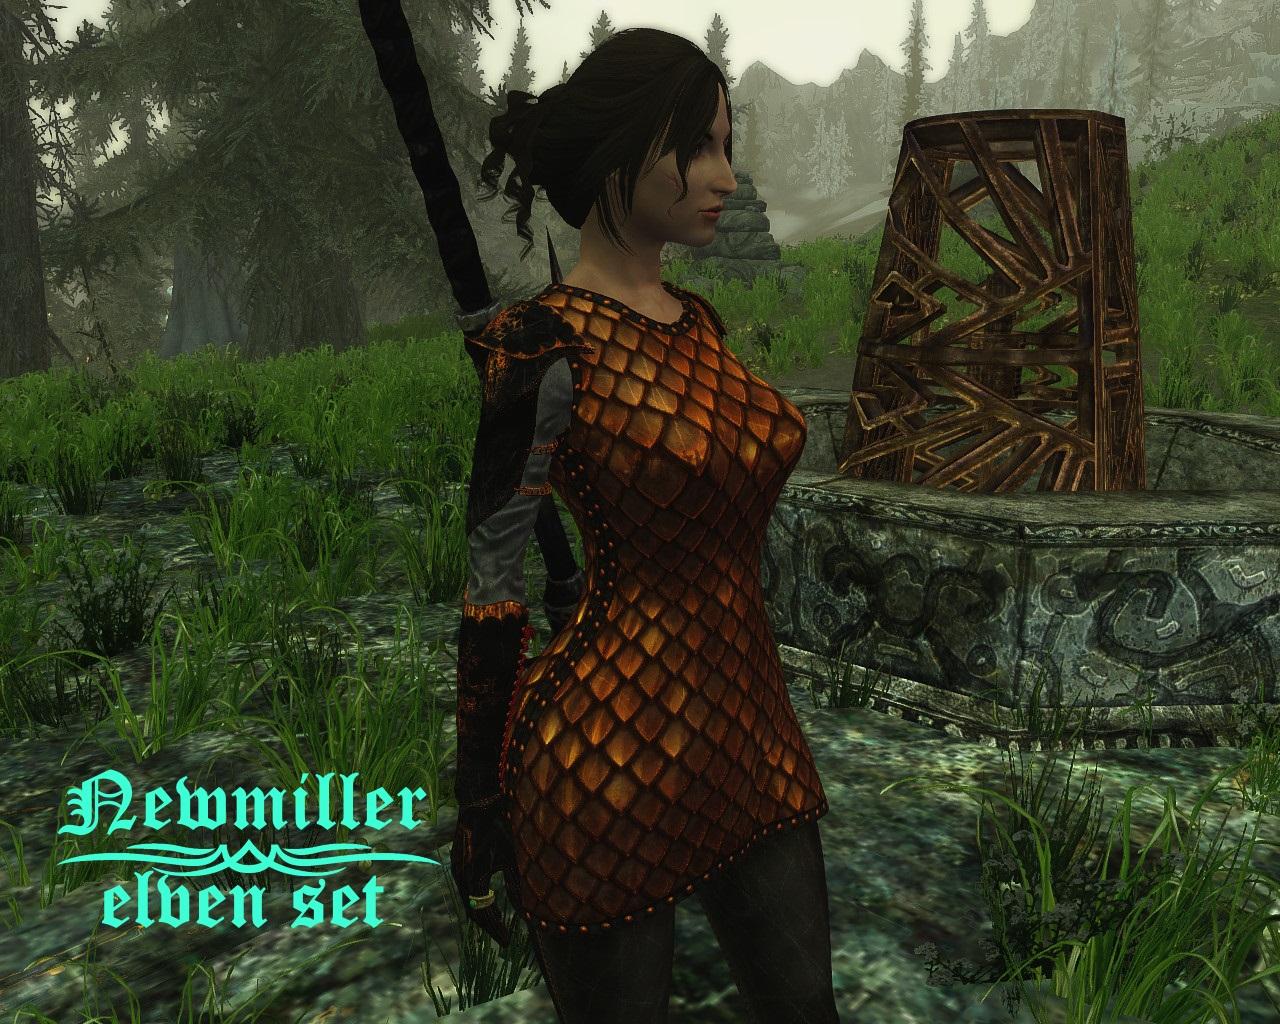 Newmiller_elven_set_L.jpg